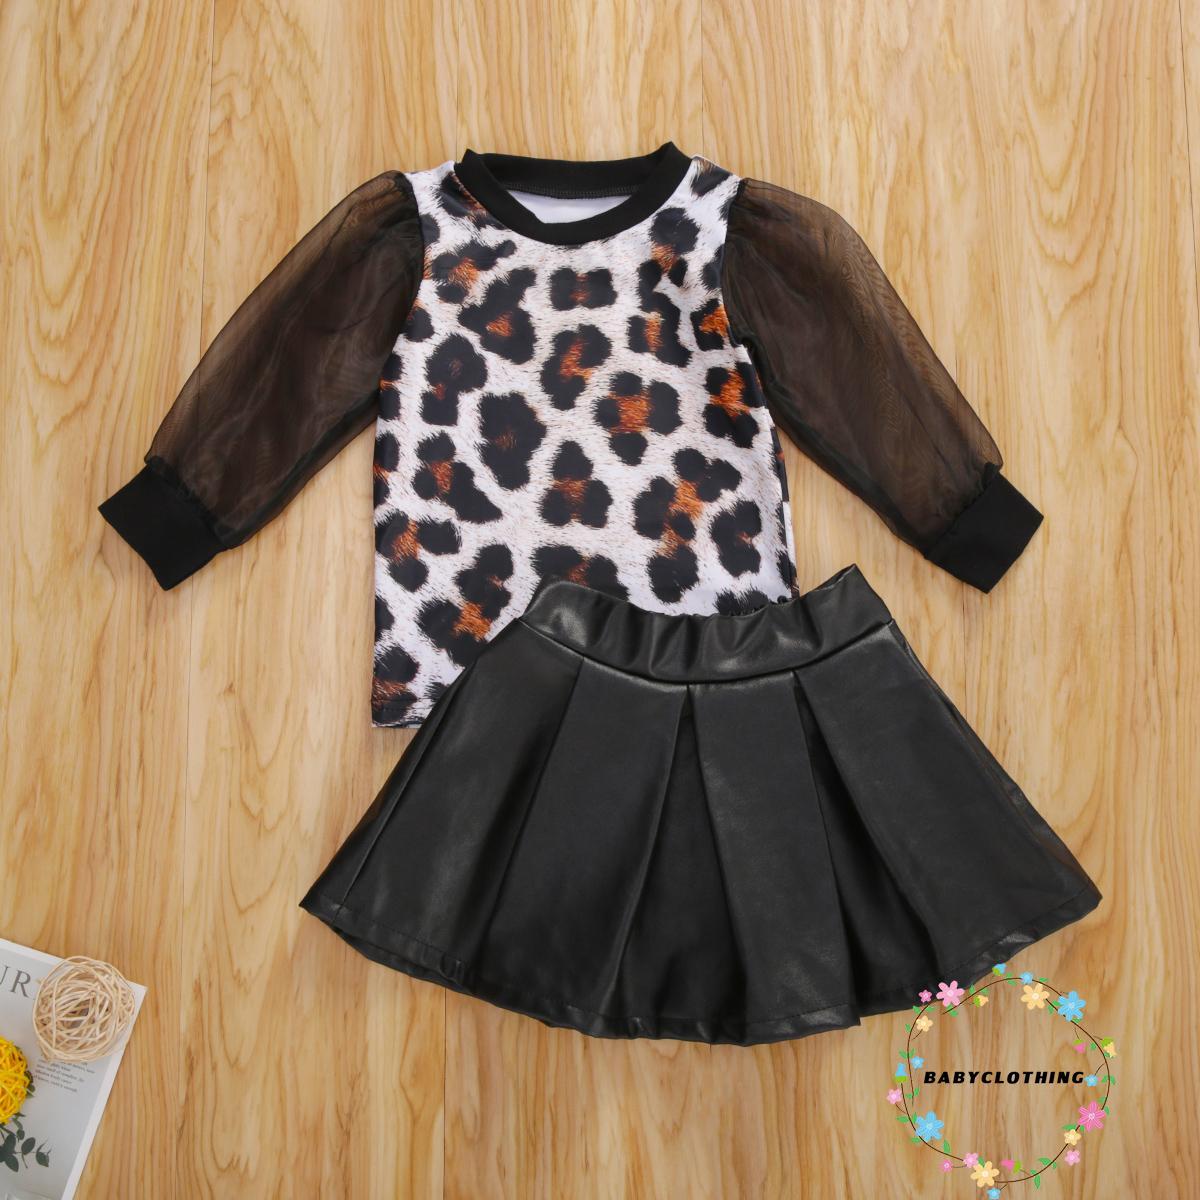 ღWSVღGirls Skirt兩件套時尚豹紋網紗蓬蓬袖上衣和A線皮革半身裙套裝女新款